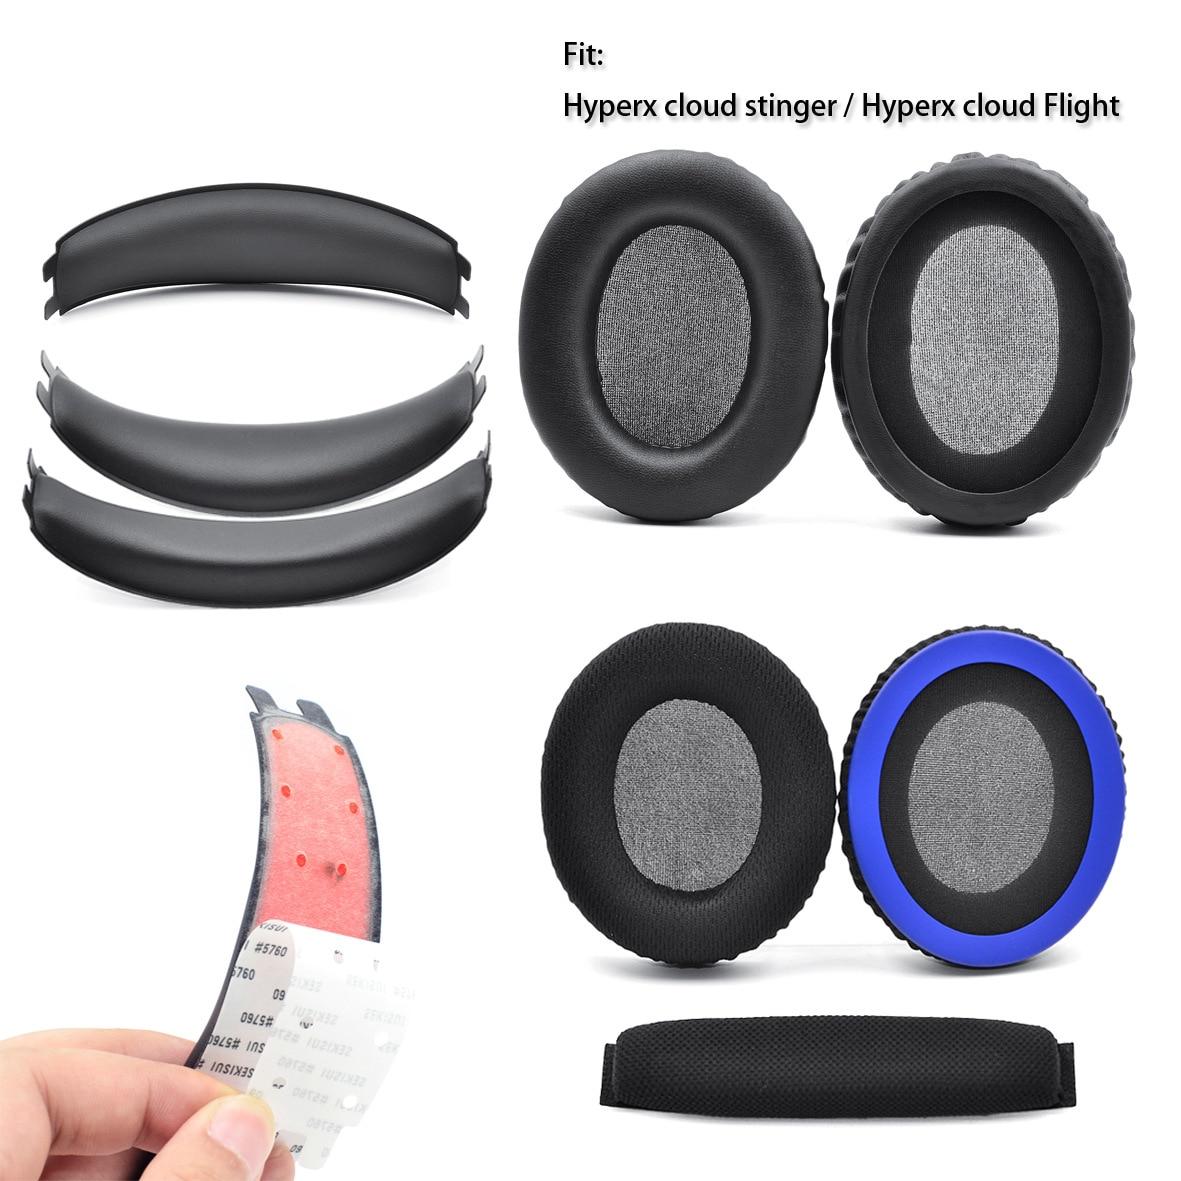 Almohadillas para la cabeza almohadillas para Kingston HYPERX Cloud Stinger Core 7,1 almohadillas blandas para HYPERX Cloud Flight